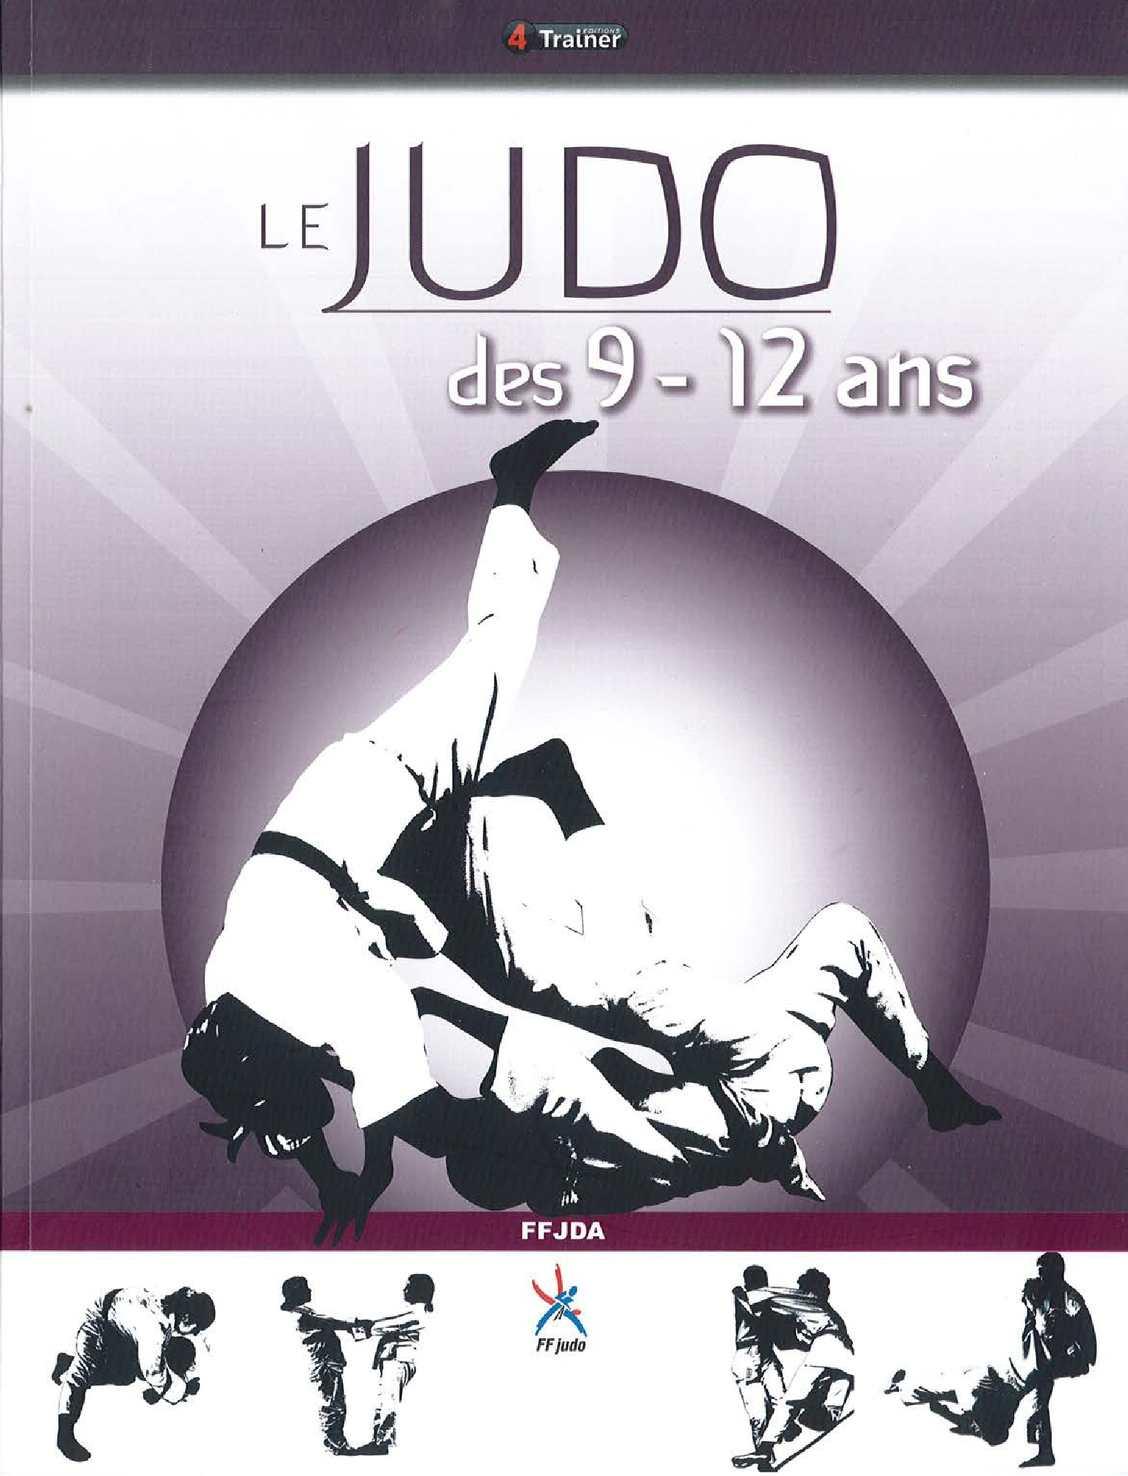 Le judo des 9-12 ans